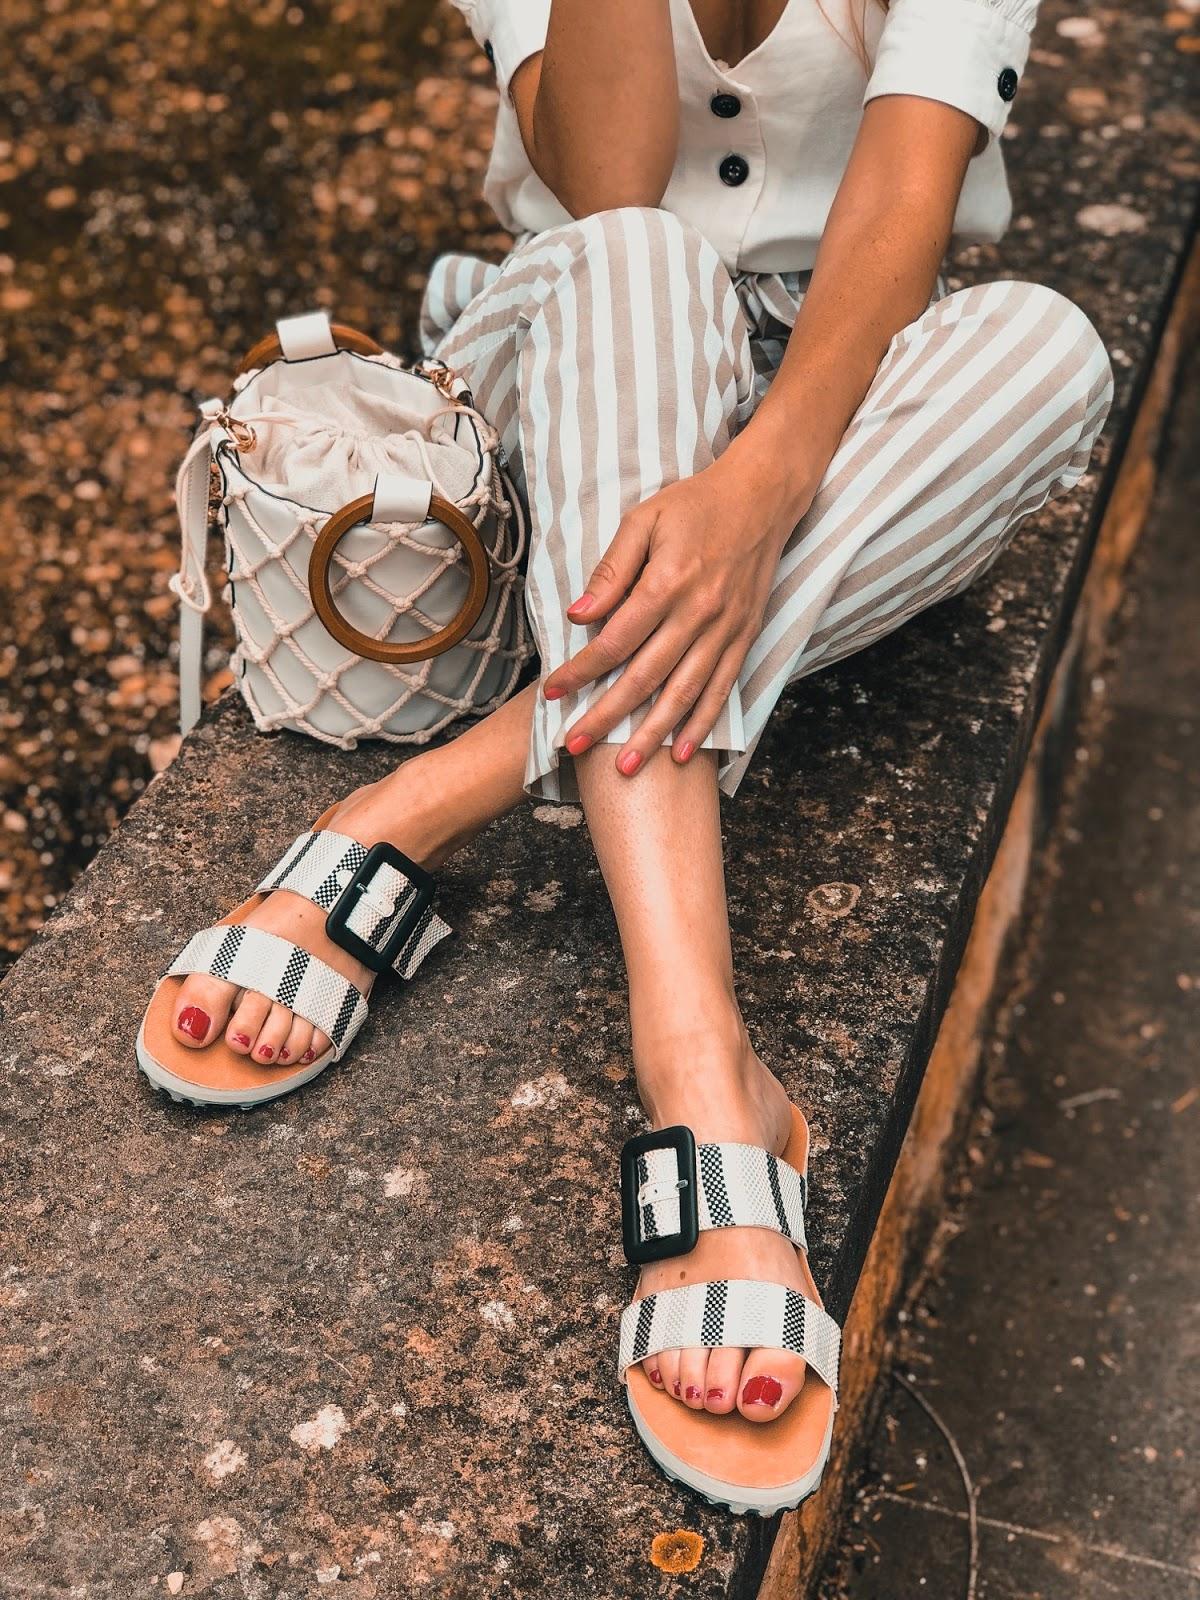 pantalones de lino con sandalias